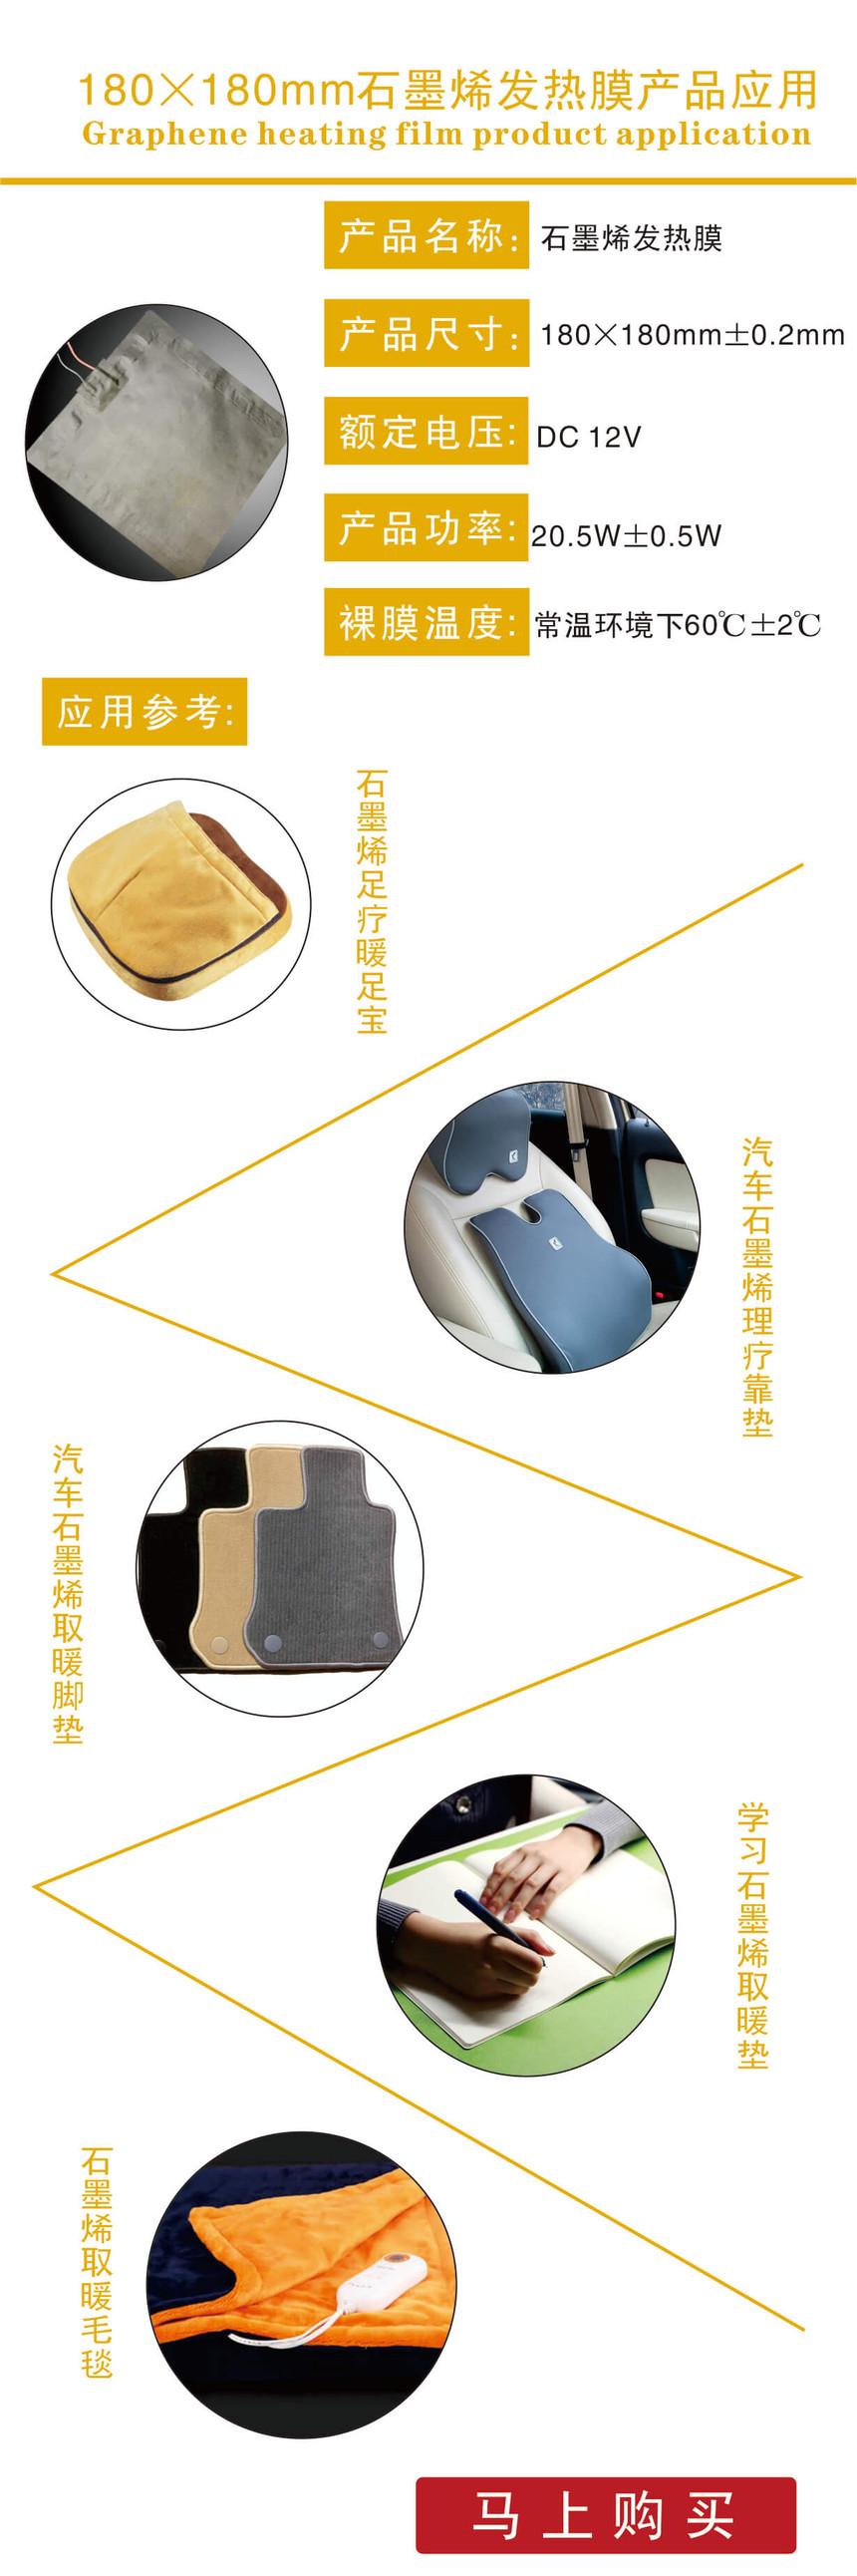 180180产品应用(1).jpg